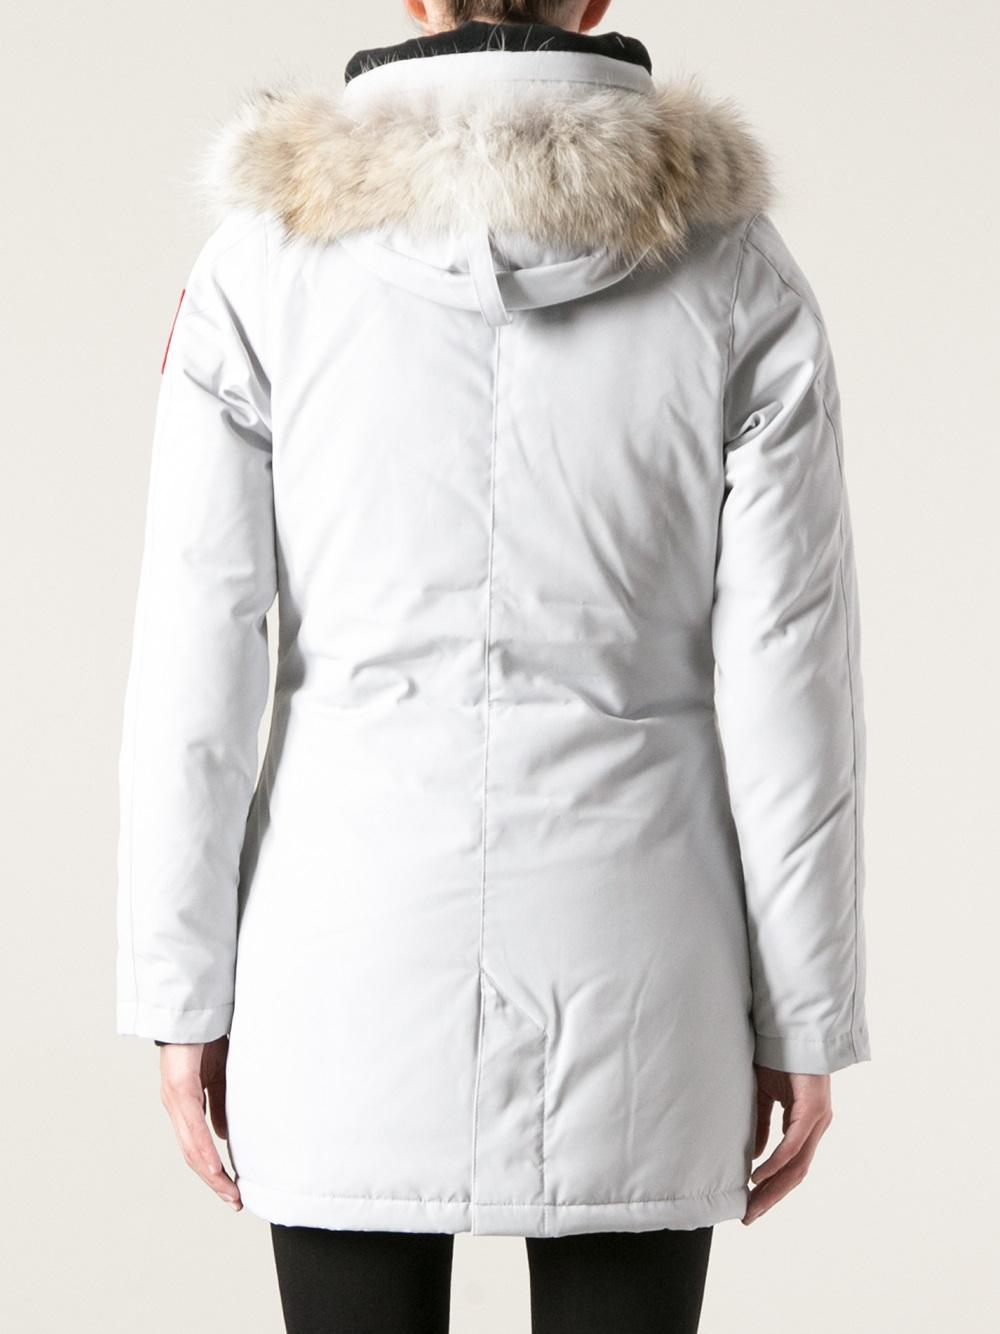 Canada Goose vest sale fake - Canada goose Victoria Parka in Gray (grey) | Lyst